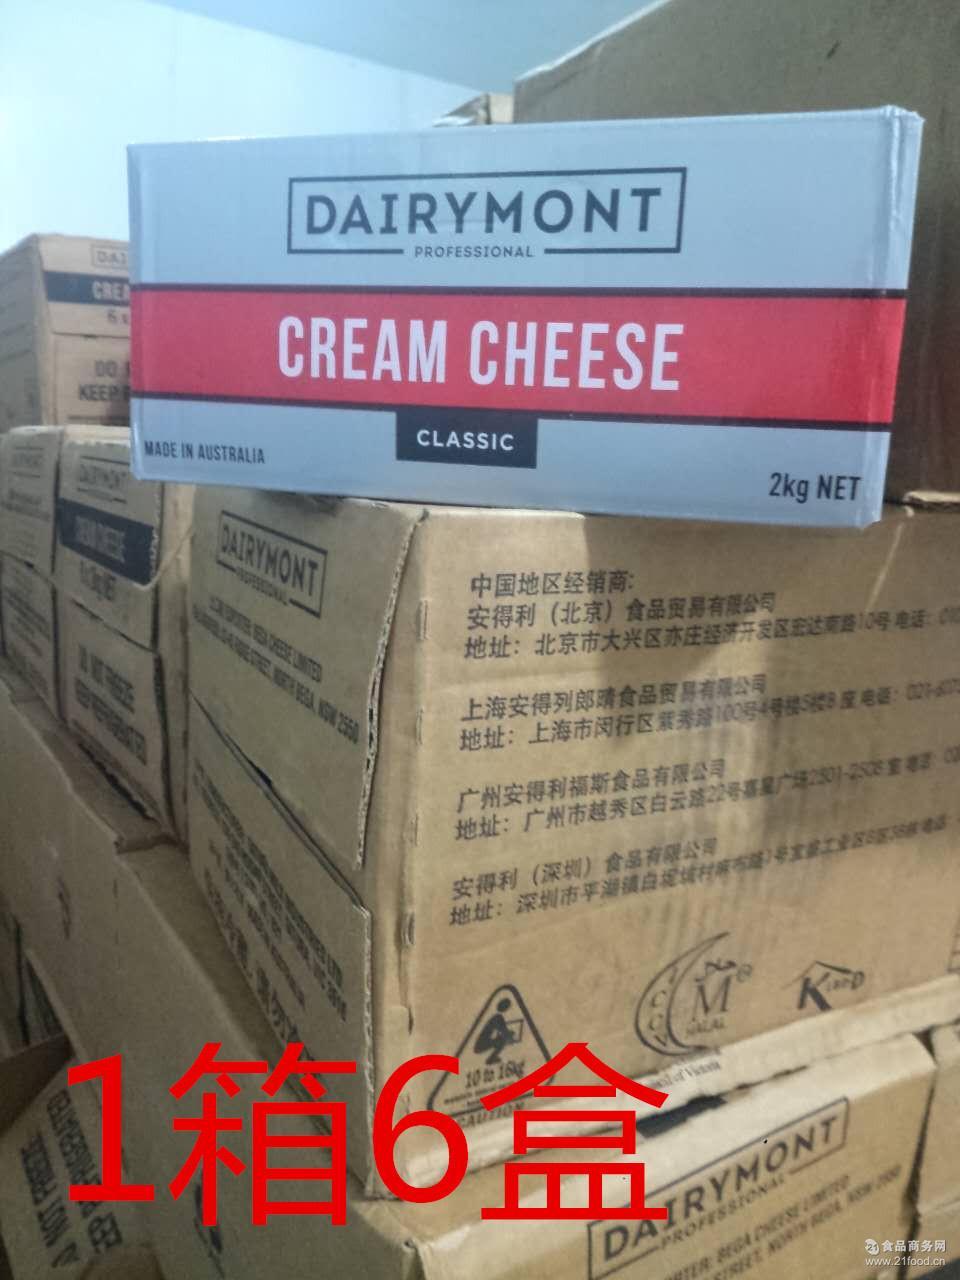 澳大利亚塔图拉 蛋糕原料 现货促销 2kg*6 忌廉奶油奶酪 奶油芝士